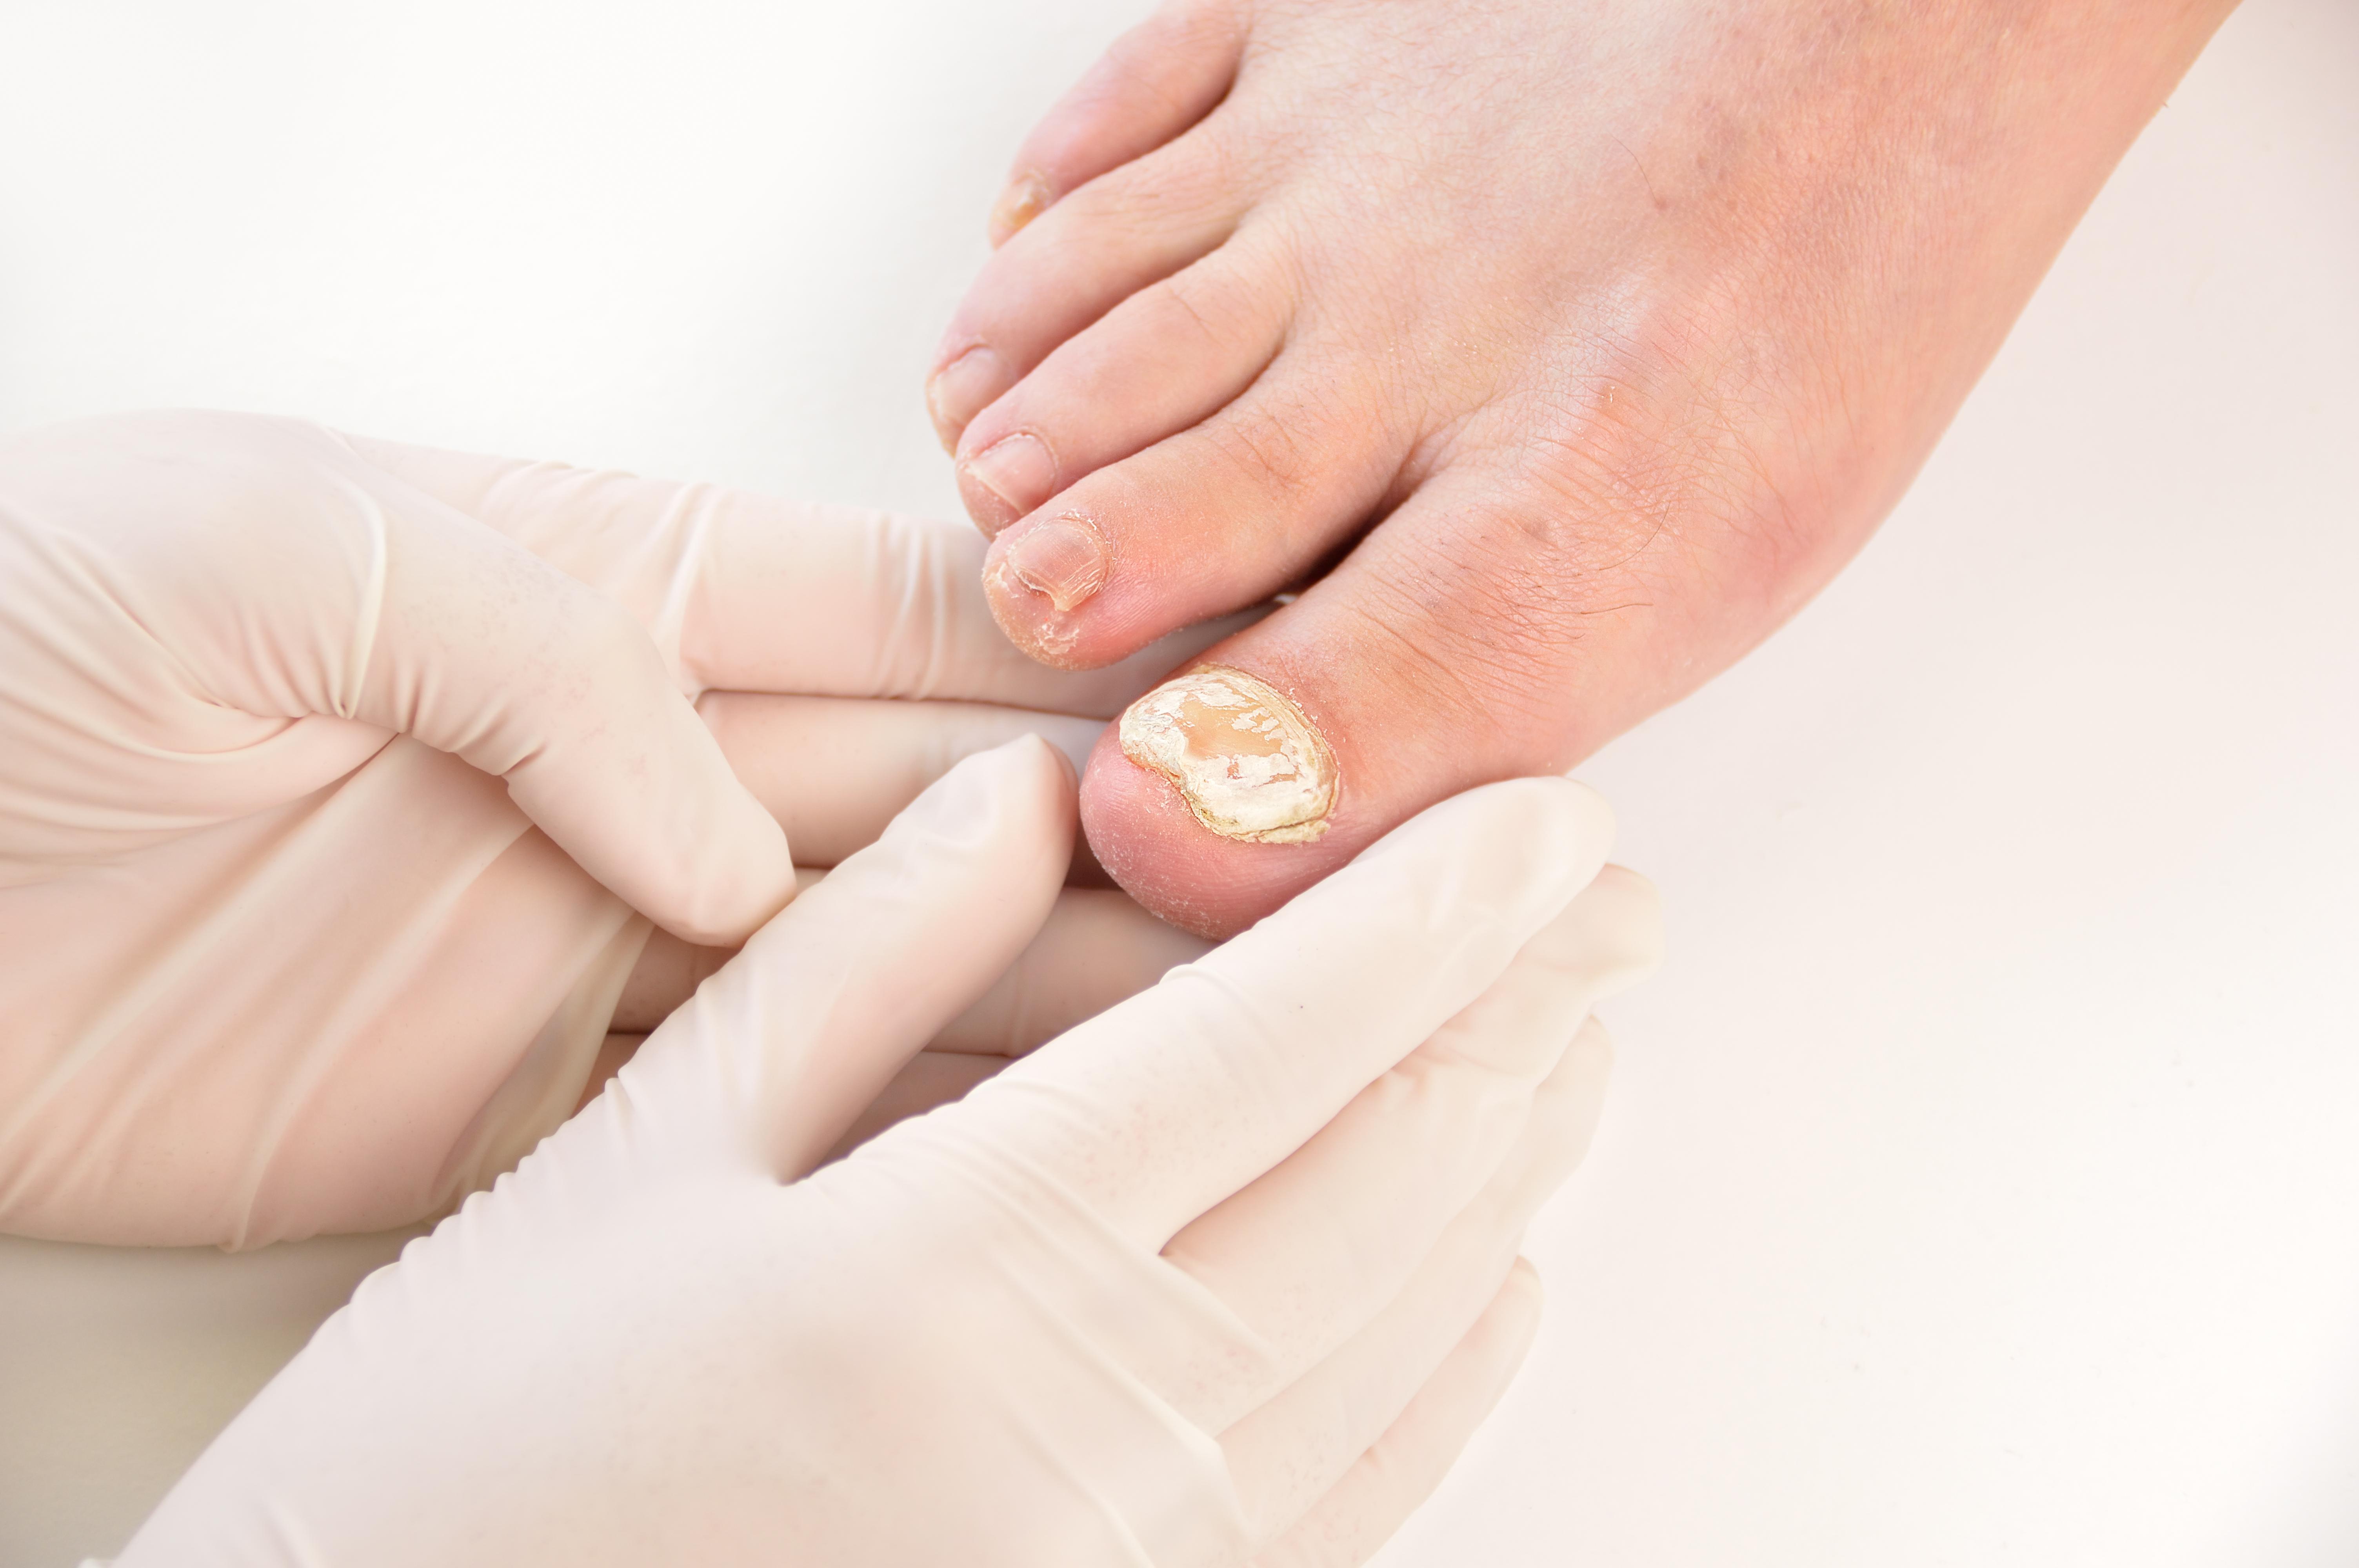 Toenail/Foot Fungus - Vermont Urgent Care